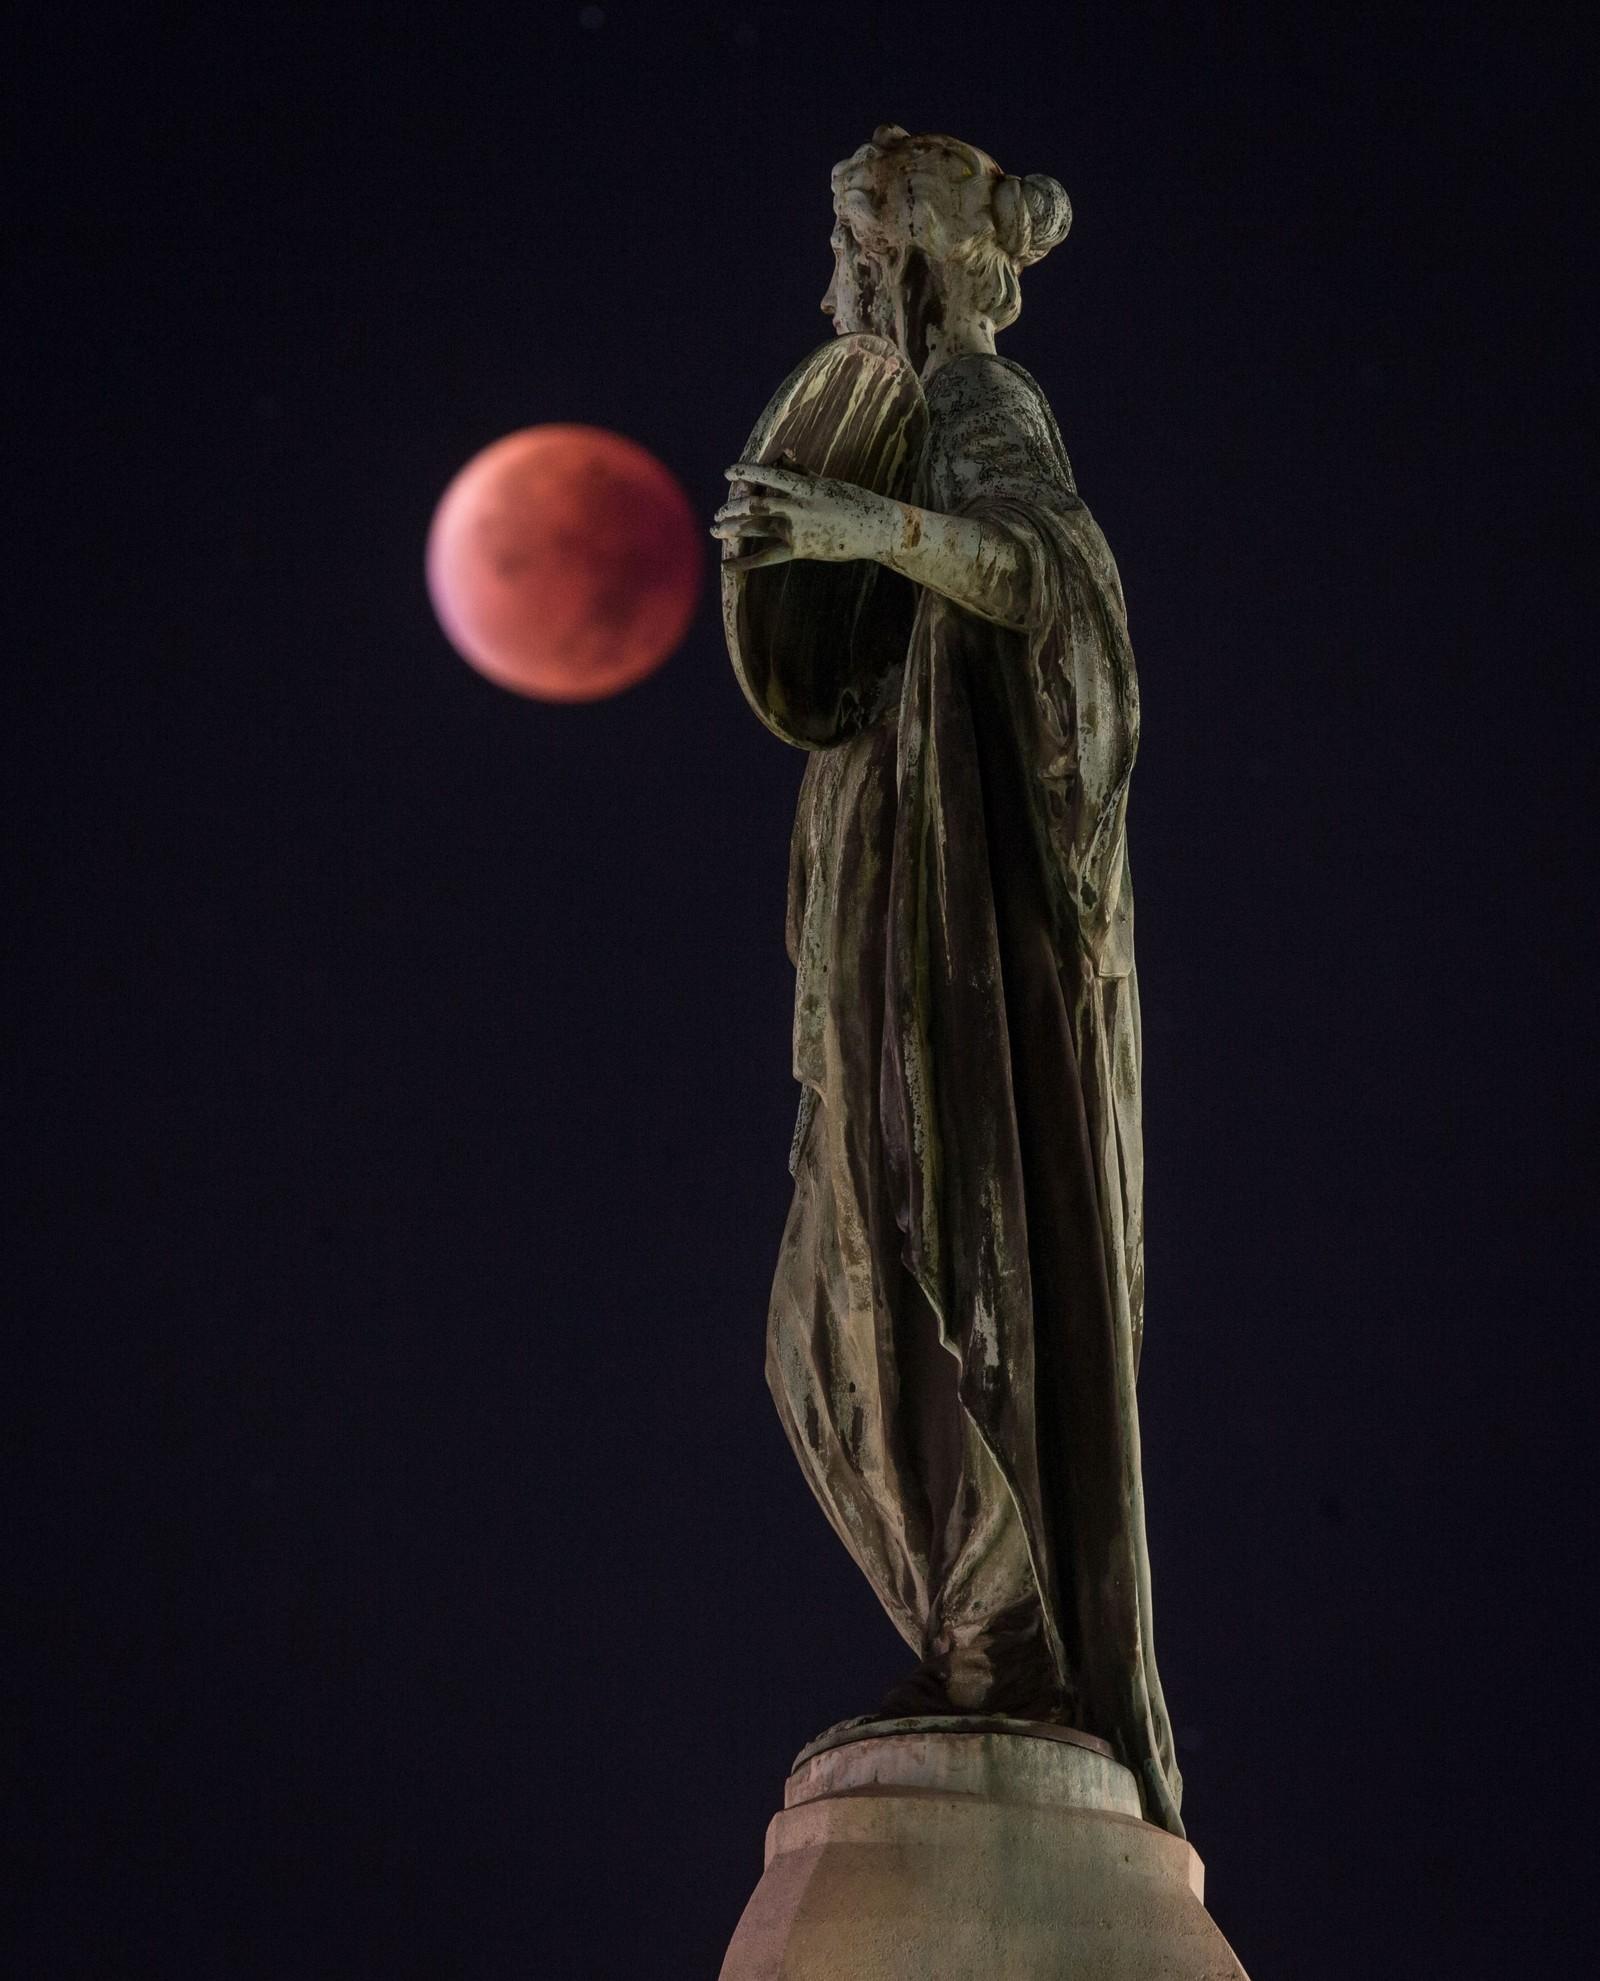 Supermånen 28. september fotografert sammen med en statue i Frankfurt i Tyskland. En natt da fullmånen var uvanlig nær jorda samtidig med en total måneformørkelse. For første gang siden 1982 var det både blodmåne og supermåne samtidig.